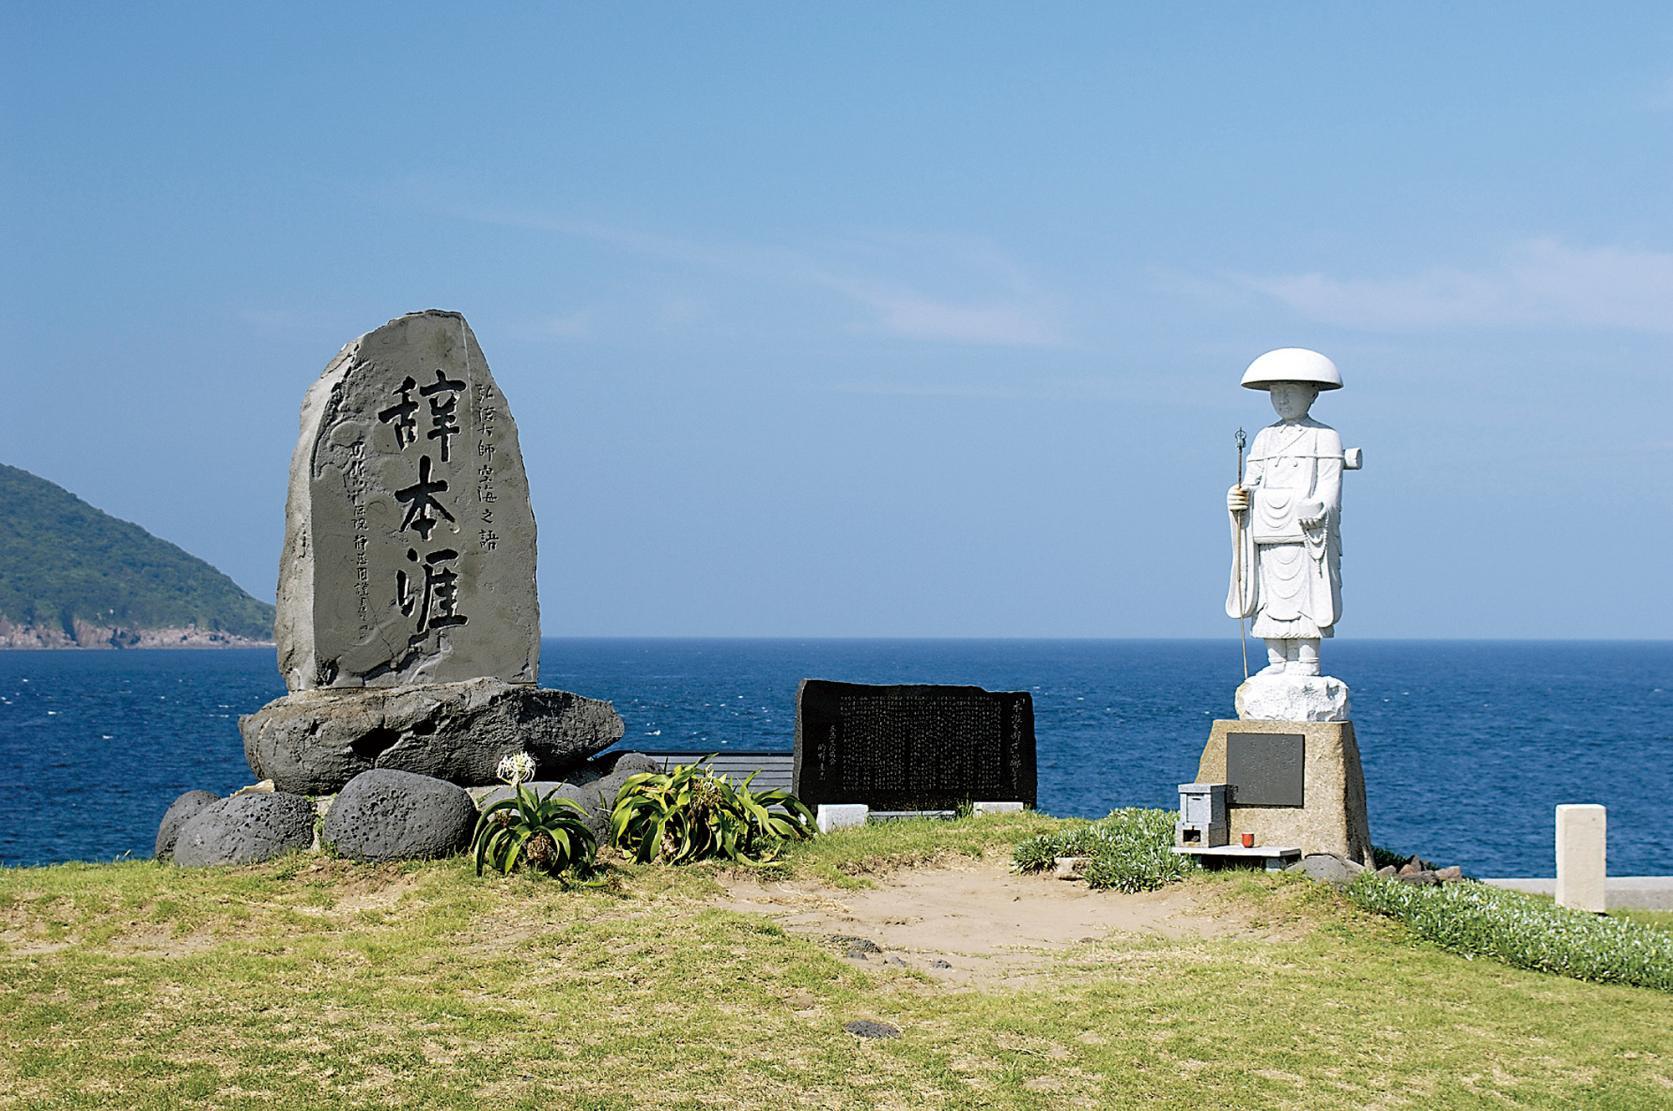 島に残る遣唐使の足跡をたどる-0